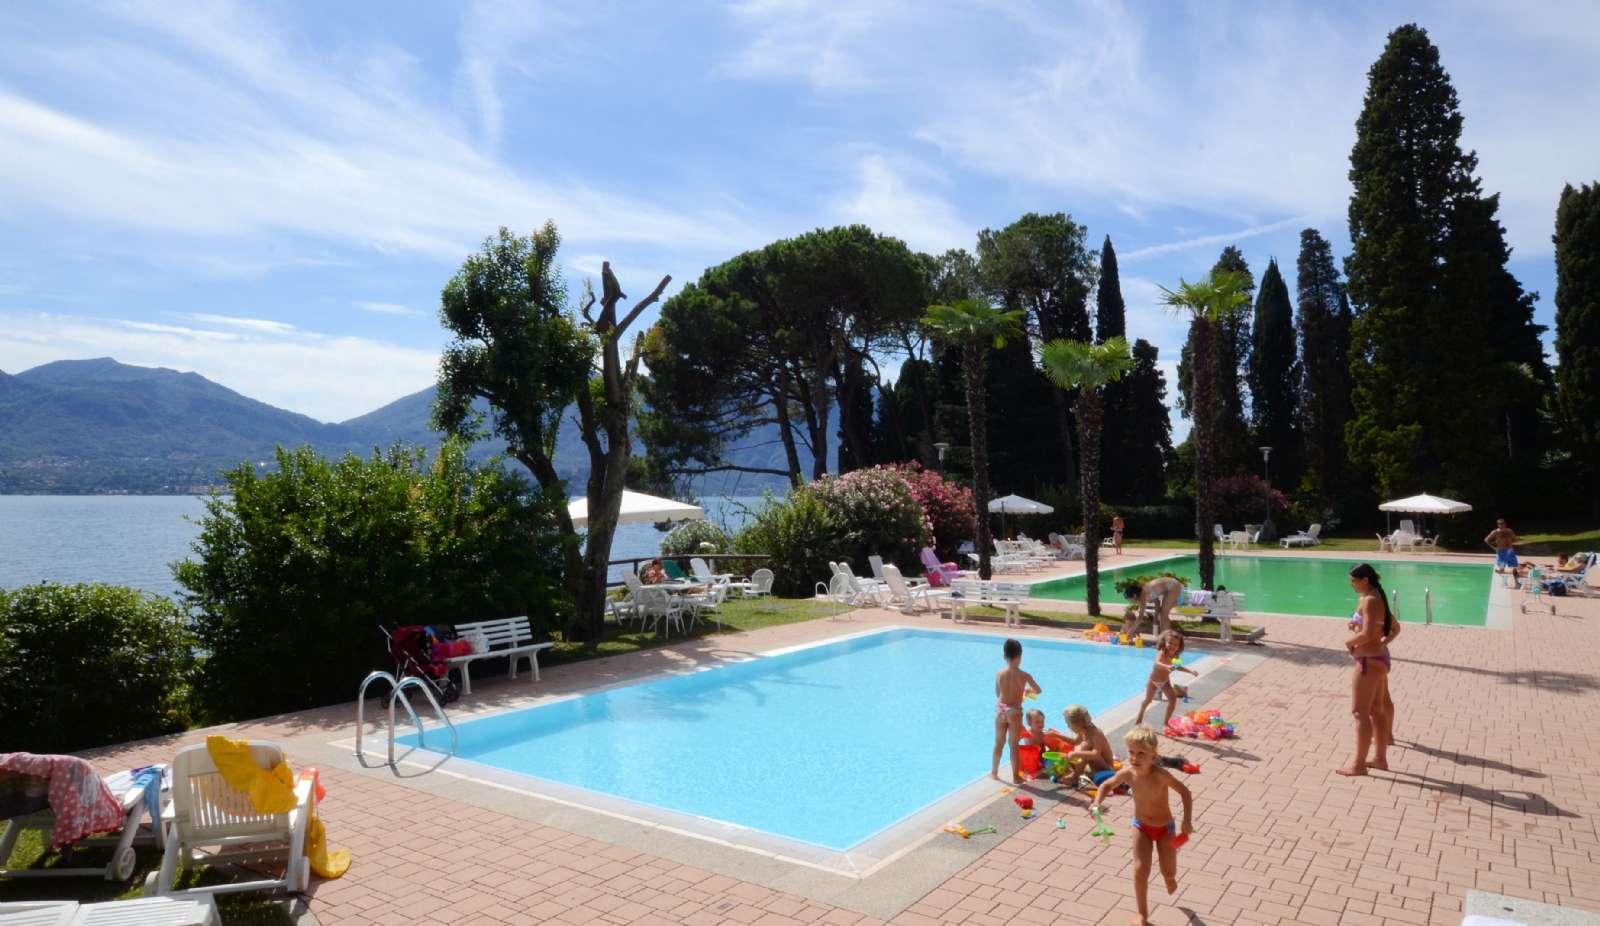 Adgang til swimmingpool og børnepool i privat parkanlæg, som deles med andre beboere